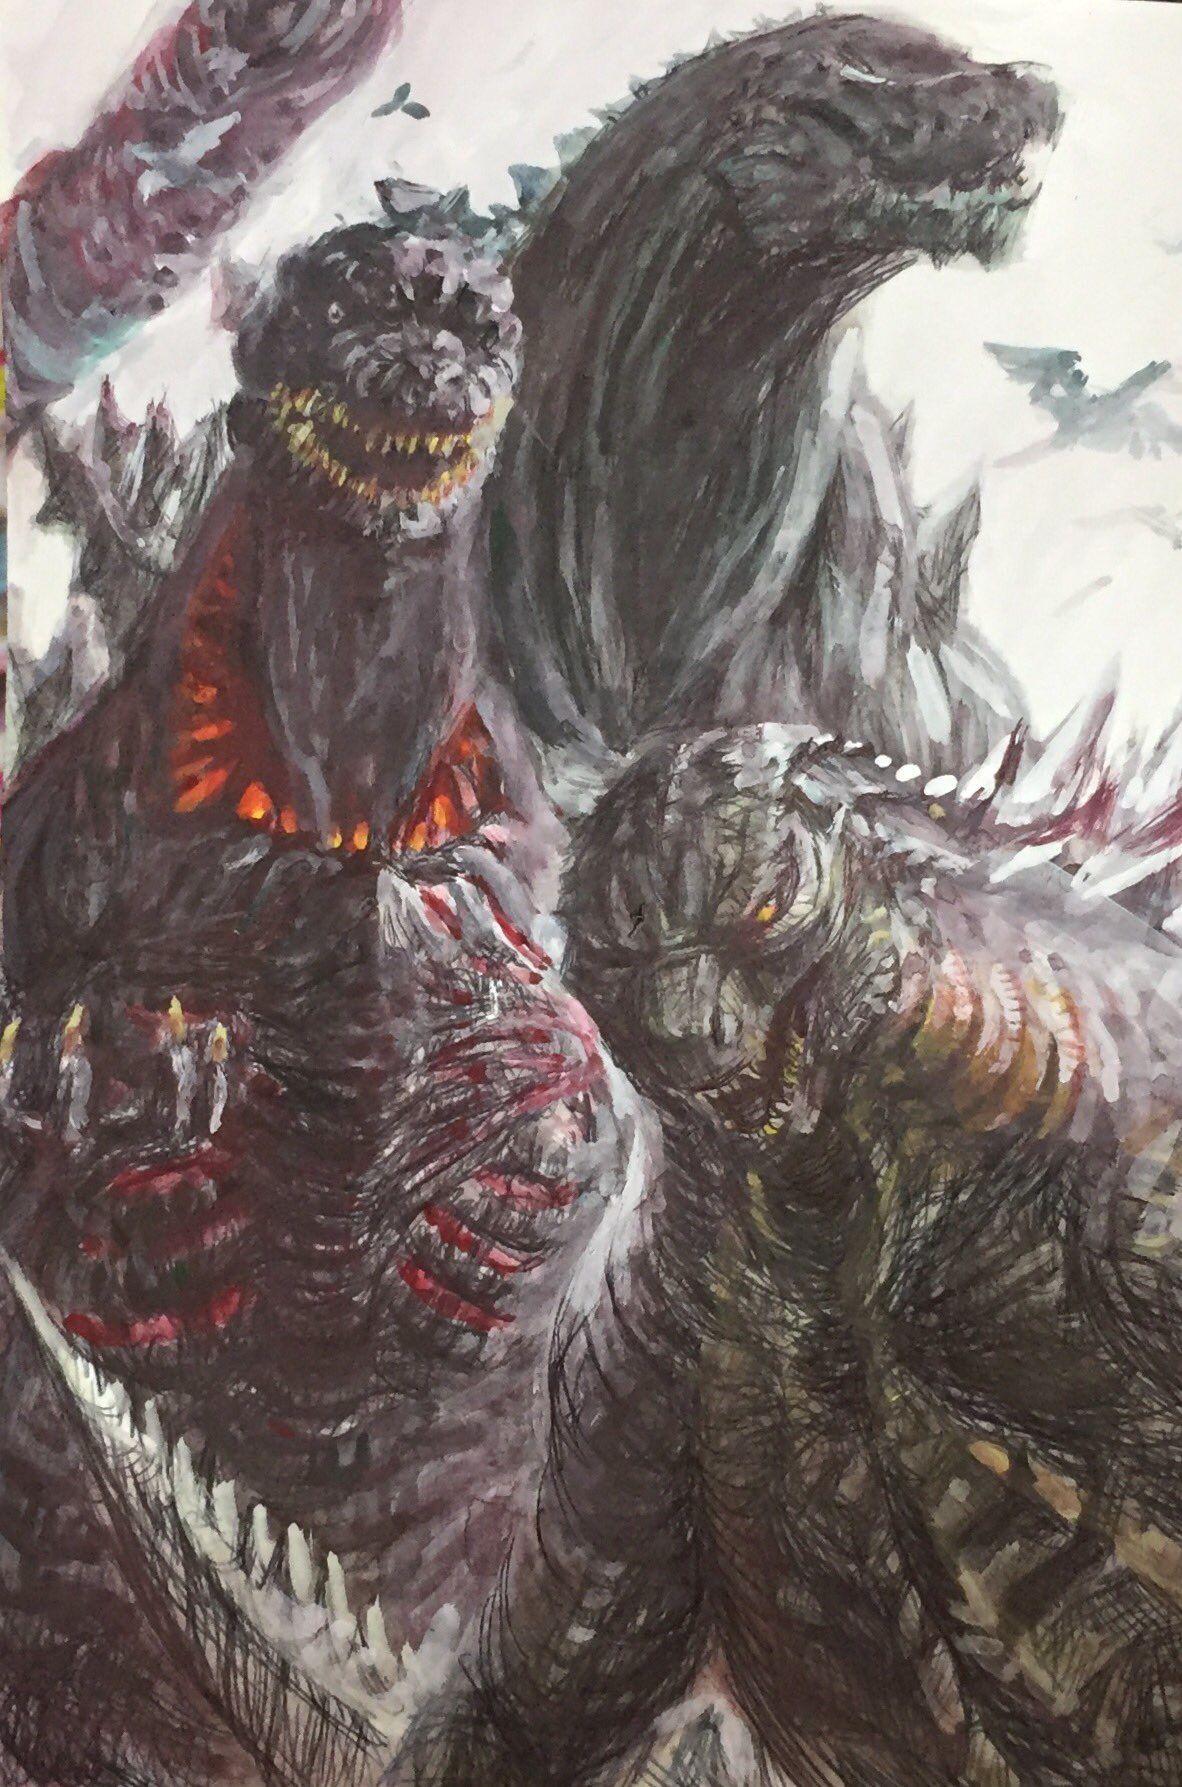 Godzilla2014 2016 and 2017 | Godzilla | Pinterest ...